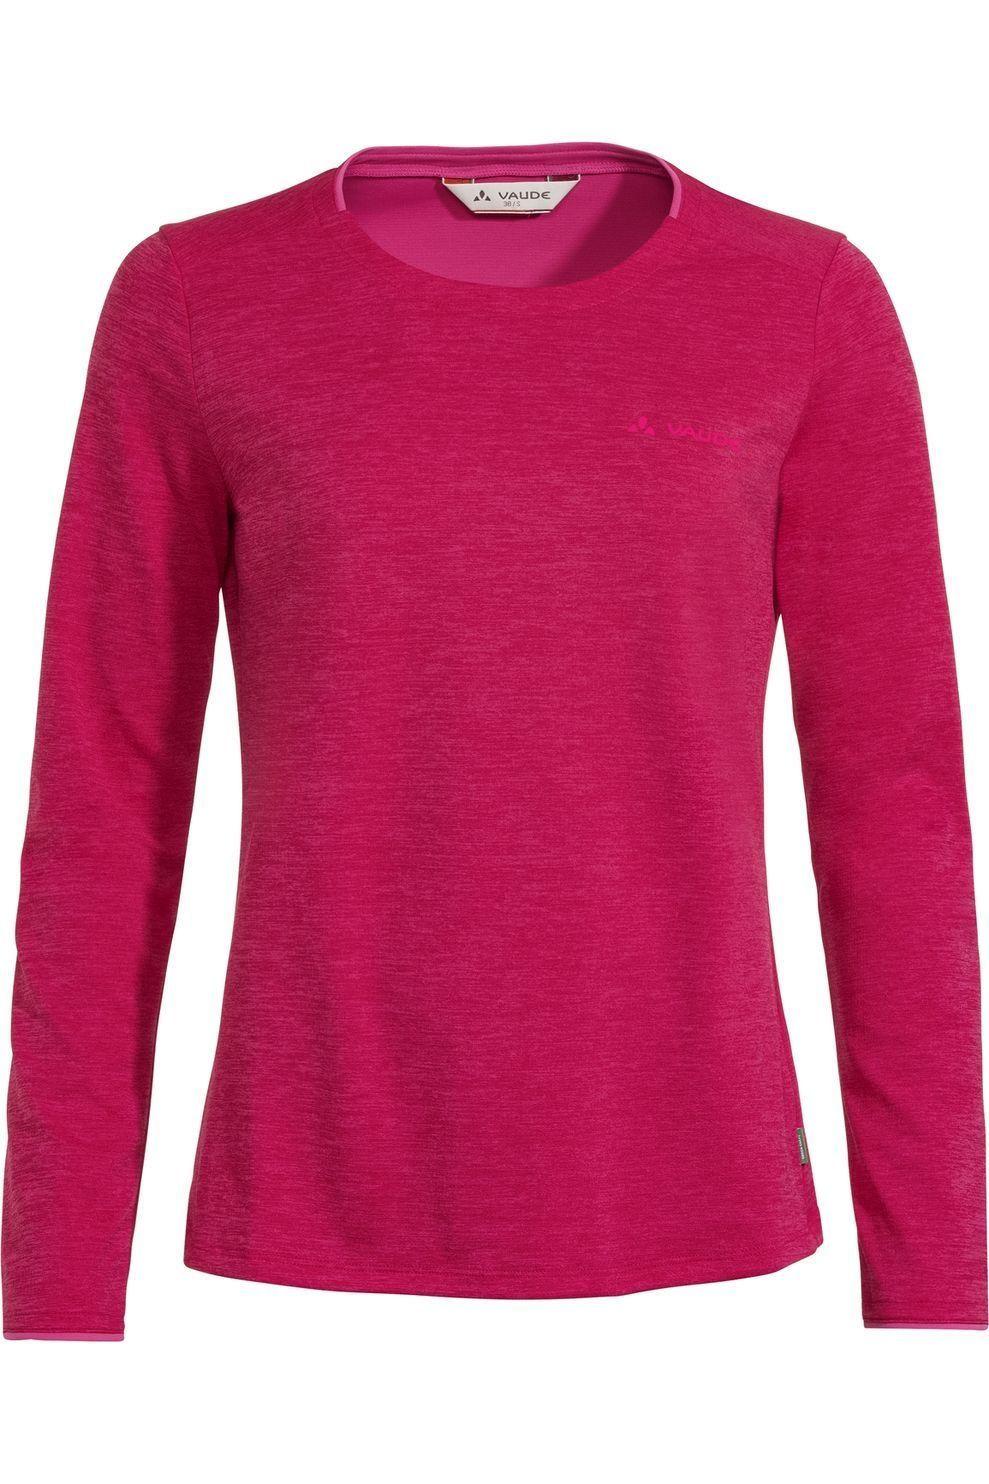 VAUDE T-Shirt Essential voor dames - Roze - Maten: 36, 38, 40, 42, 44